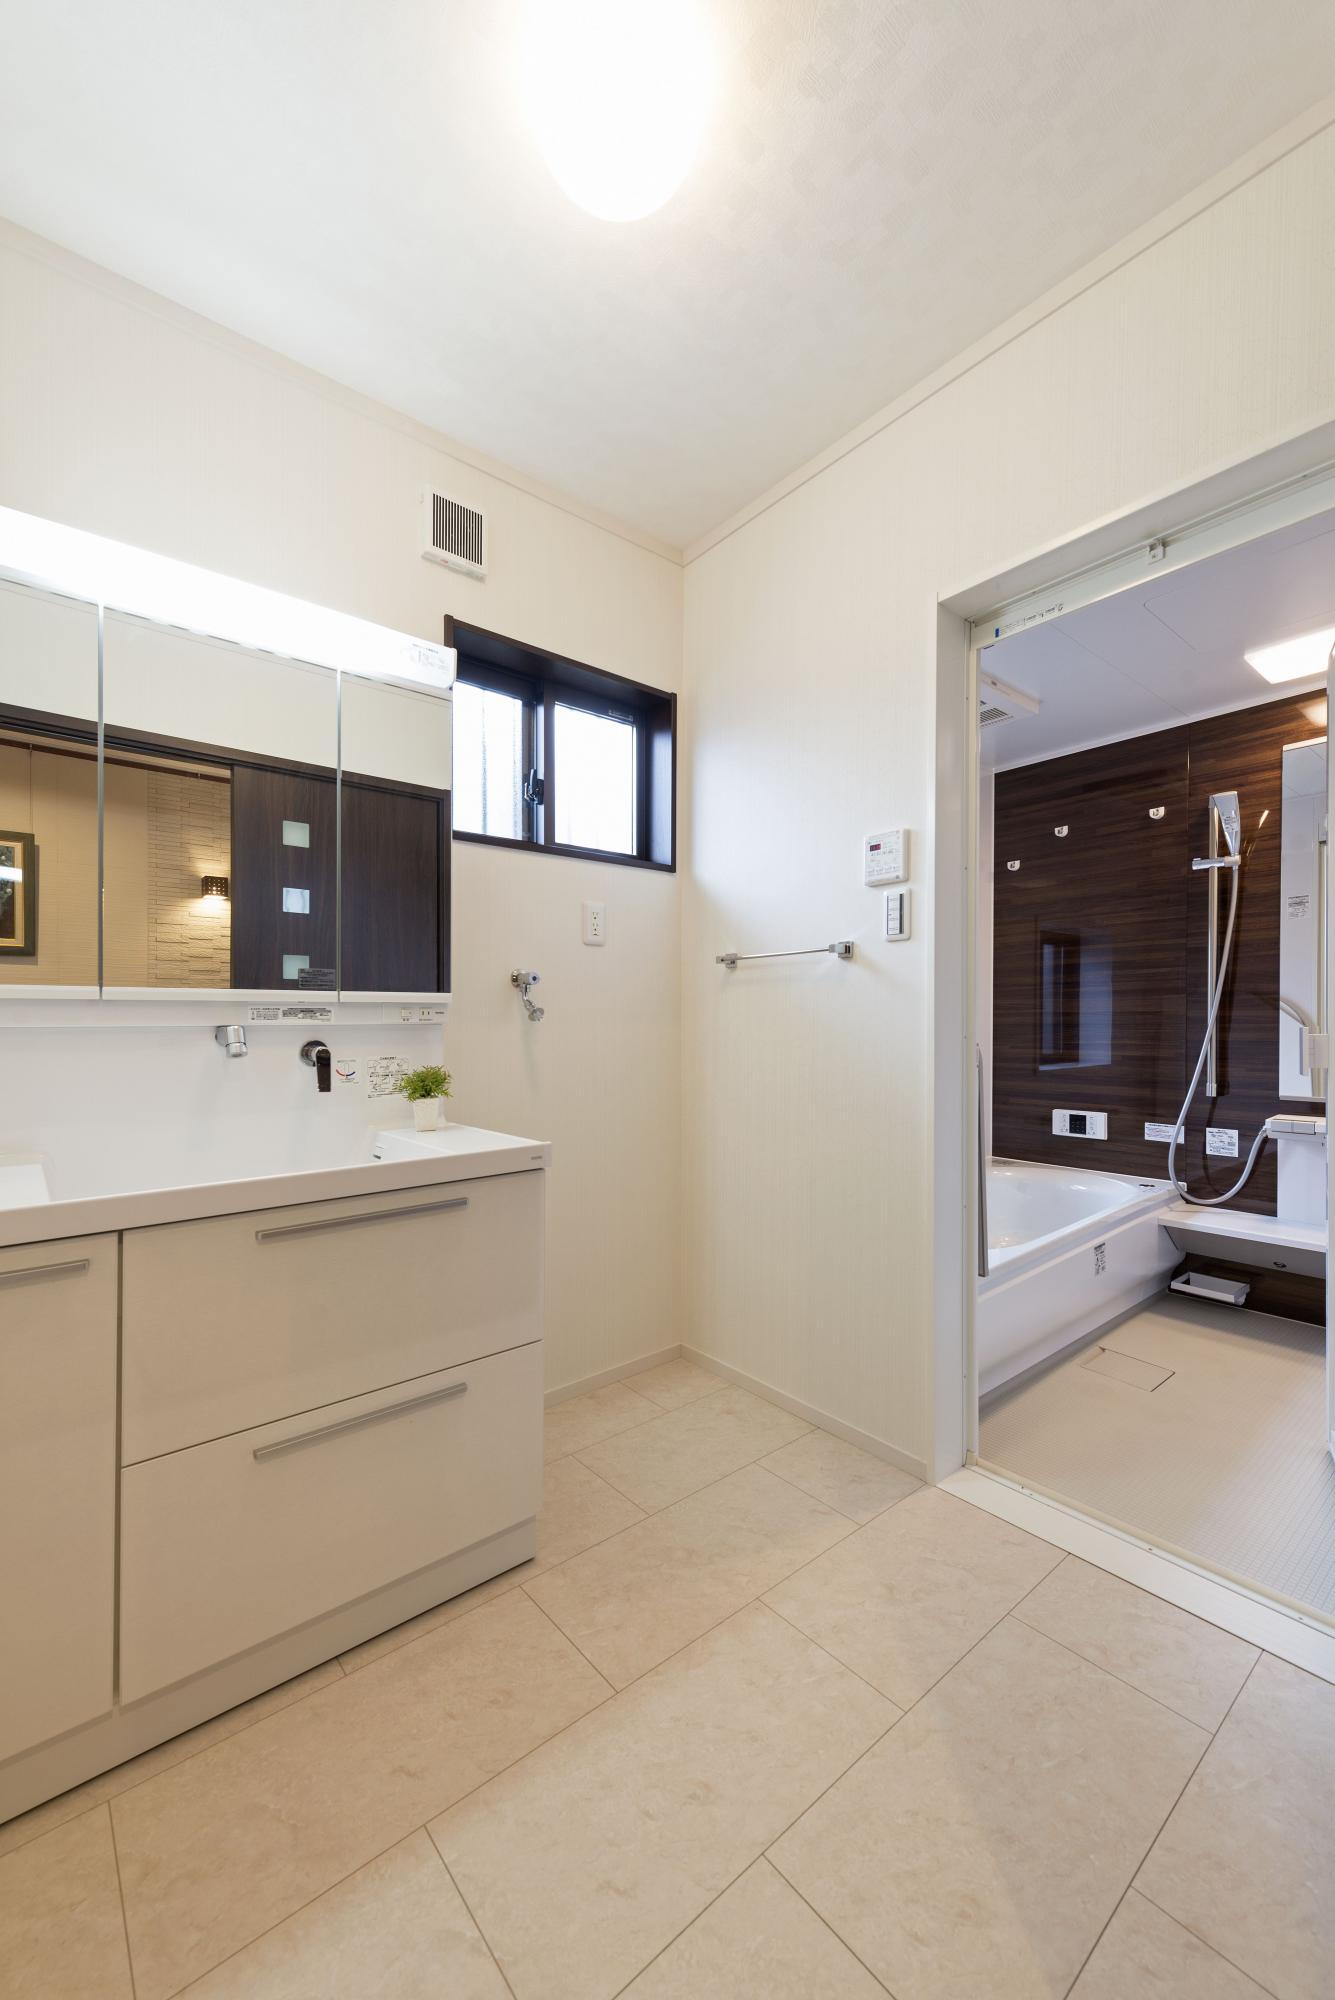 十分なスペースを確保した明るい洗面室&バスルーム。浴室には梅雨時や冬期などの洗濯のときに便利な暖房乾燥機を設置している。